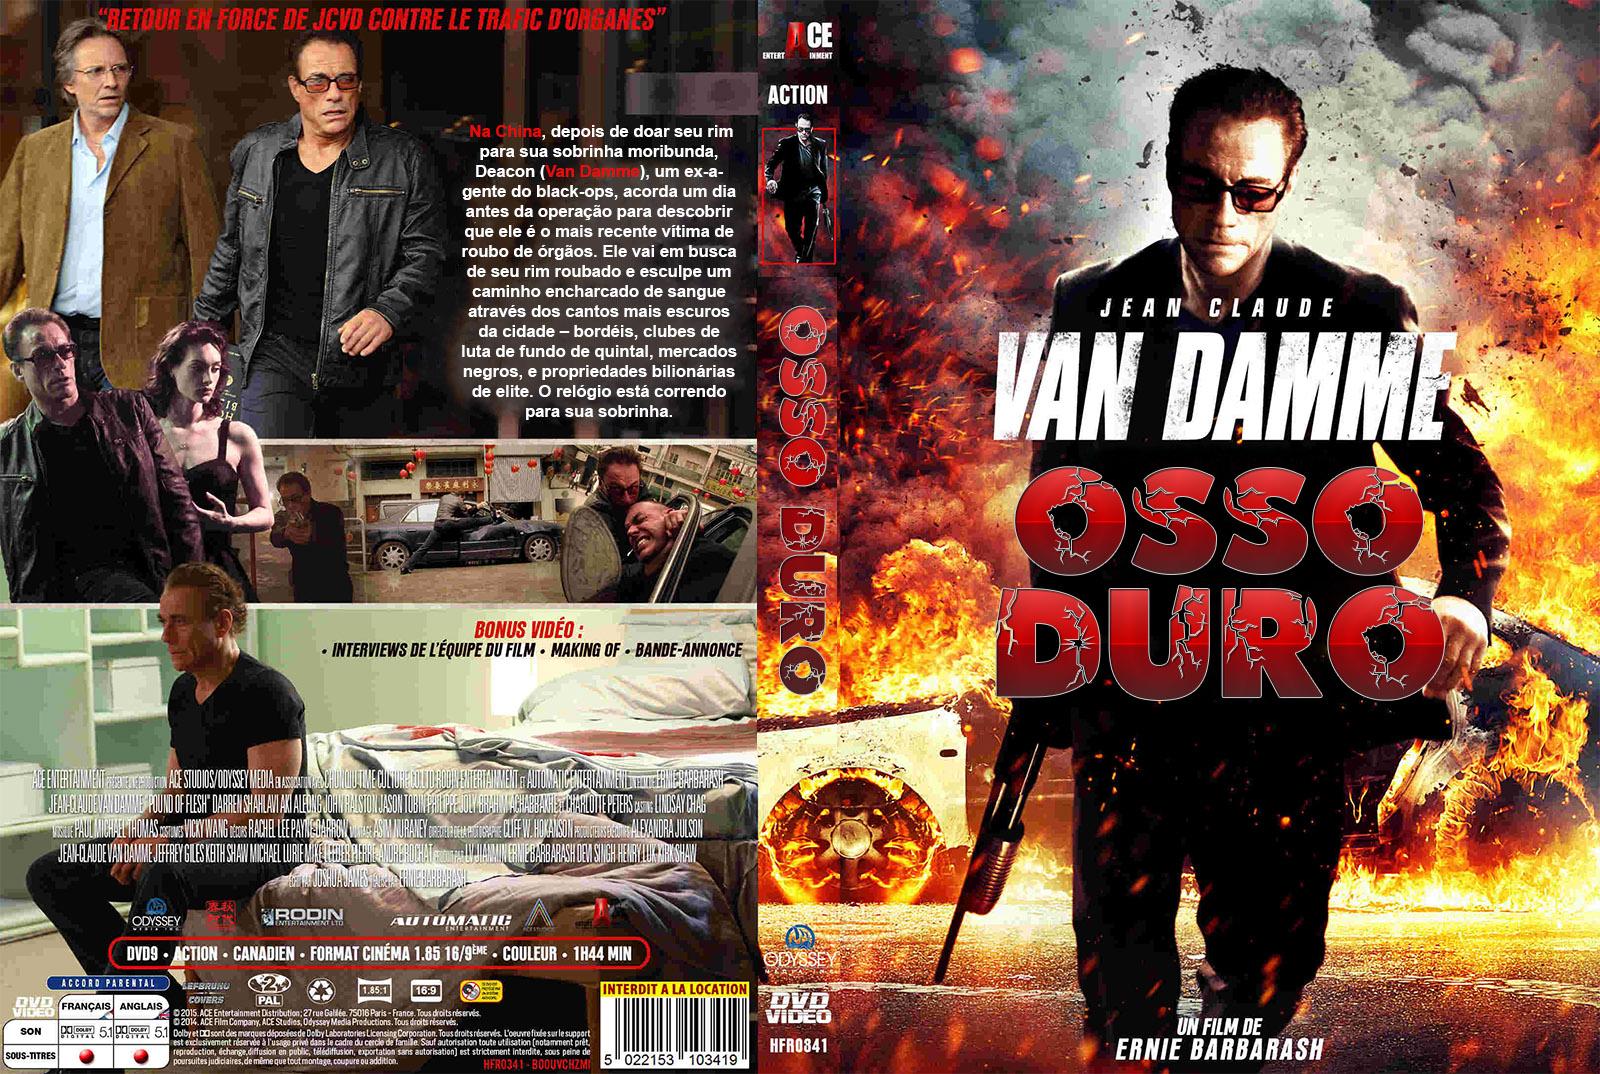 Download Osso Duro BDRip XviD Dual Áudio OSSO 2BDURO